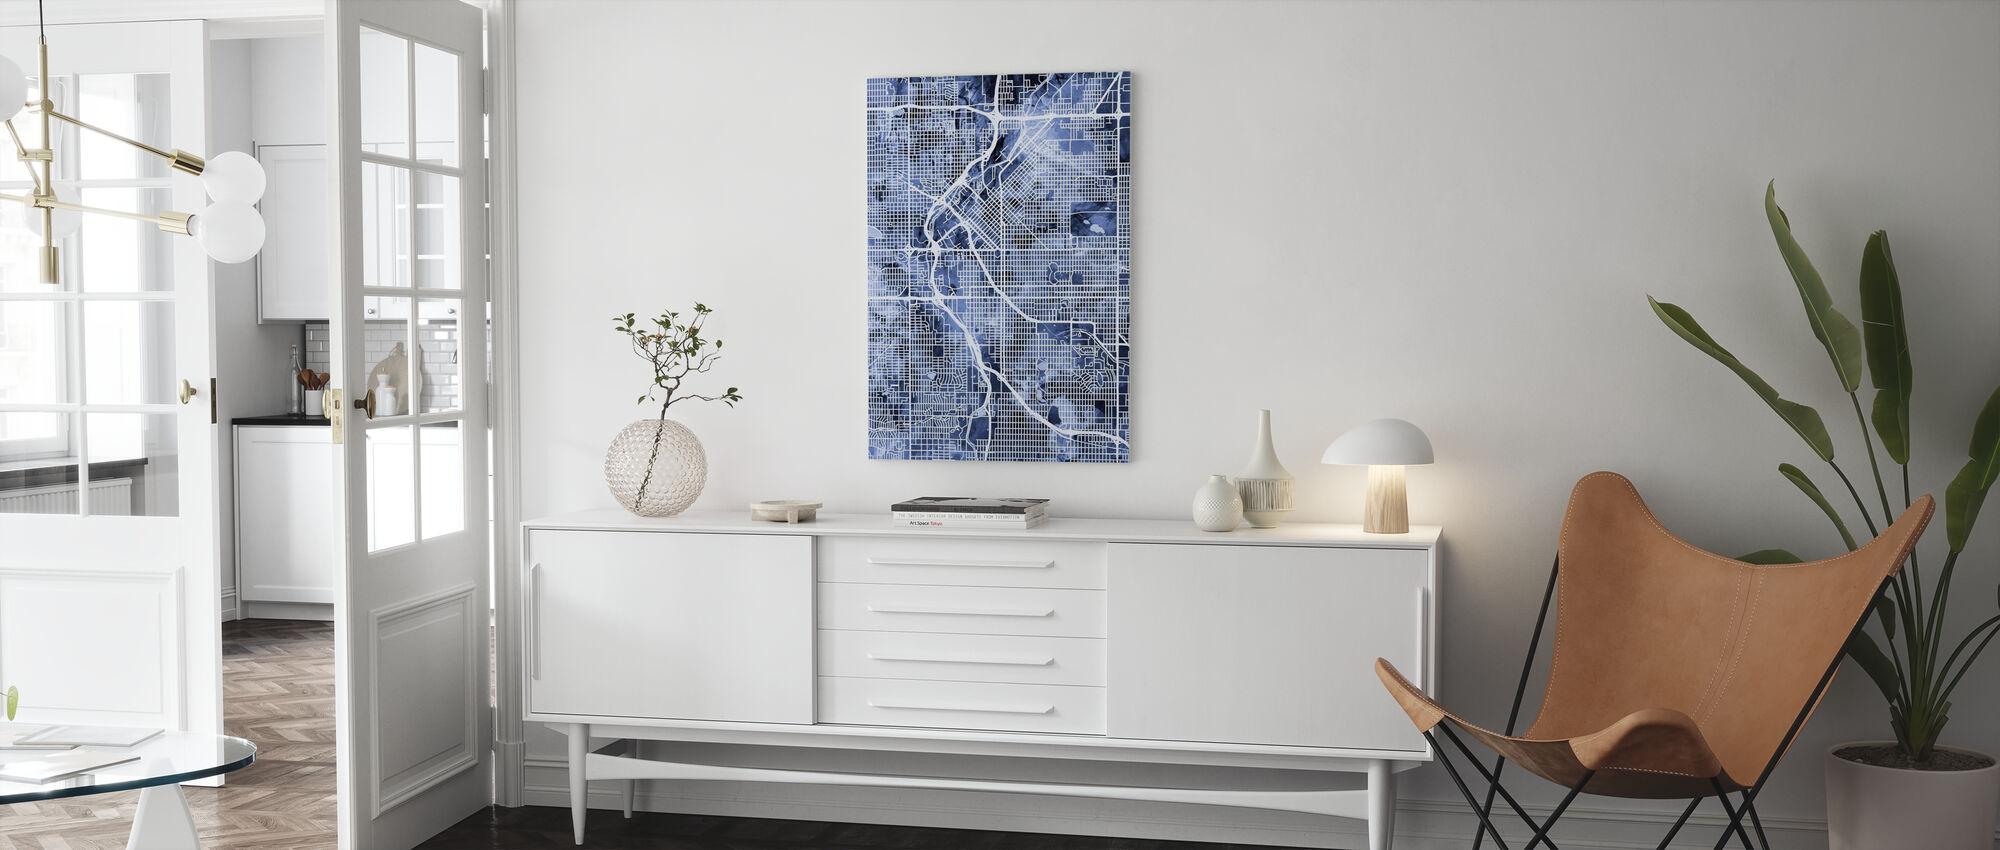 Denver Colorado Street Map - Canvas print - Living Room